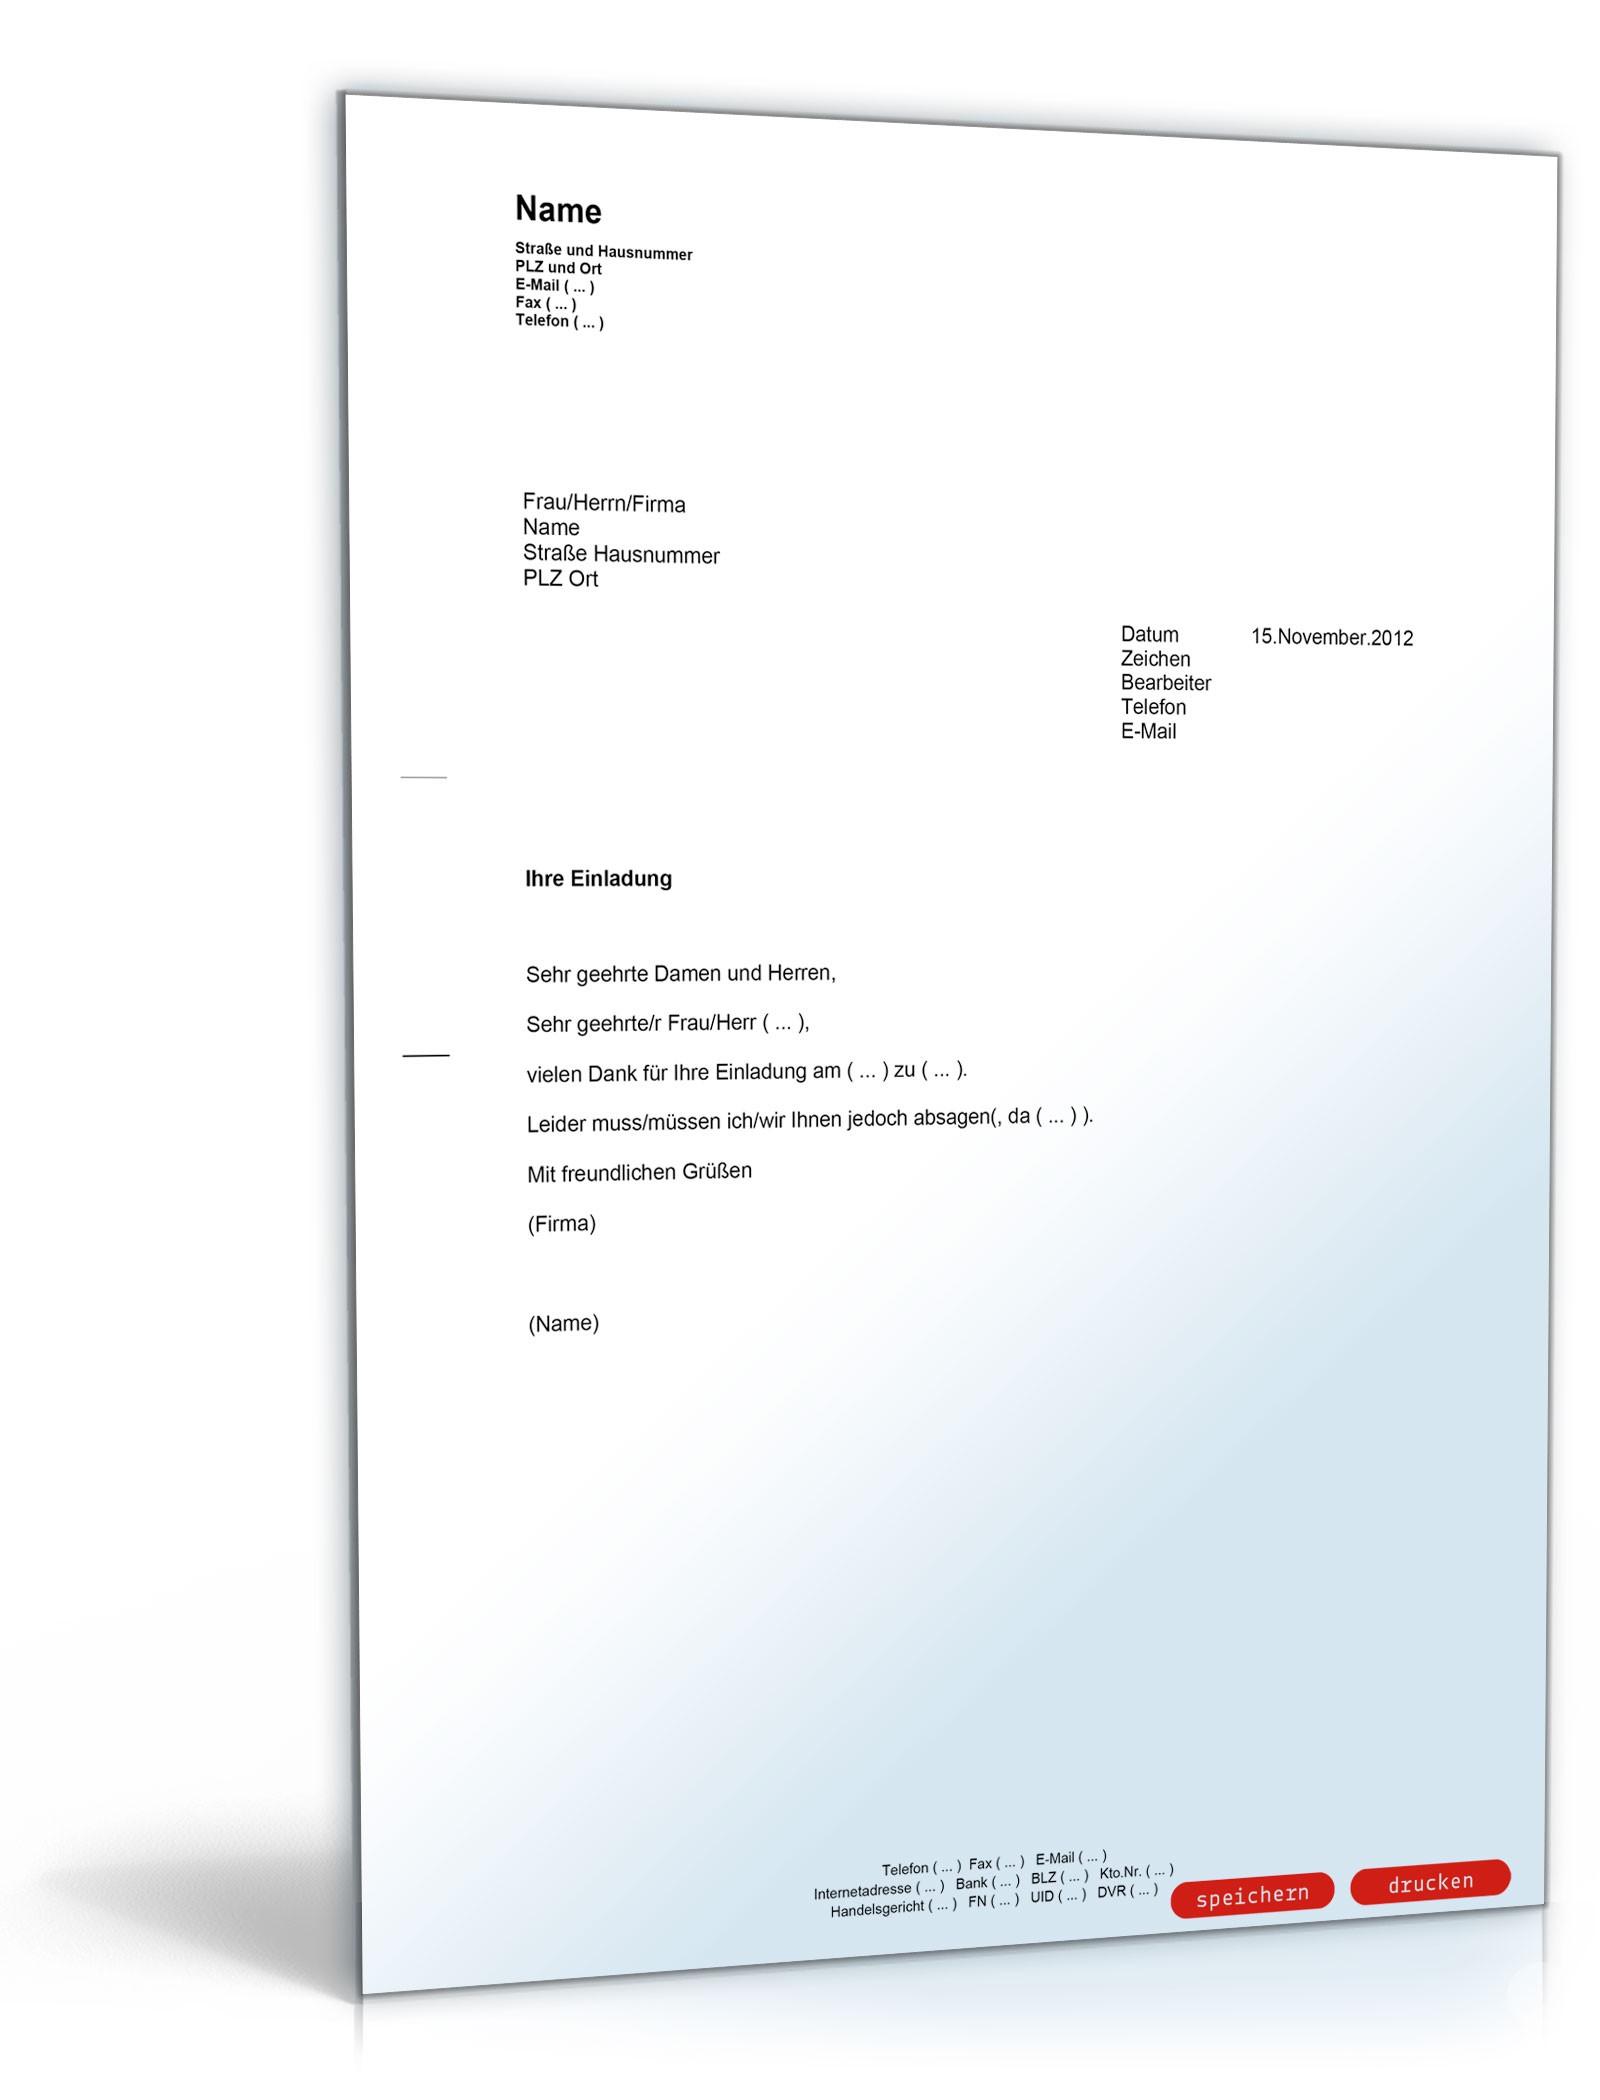 Geschäftsbrief Einladung – thegirlsroom